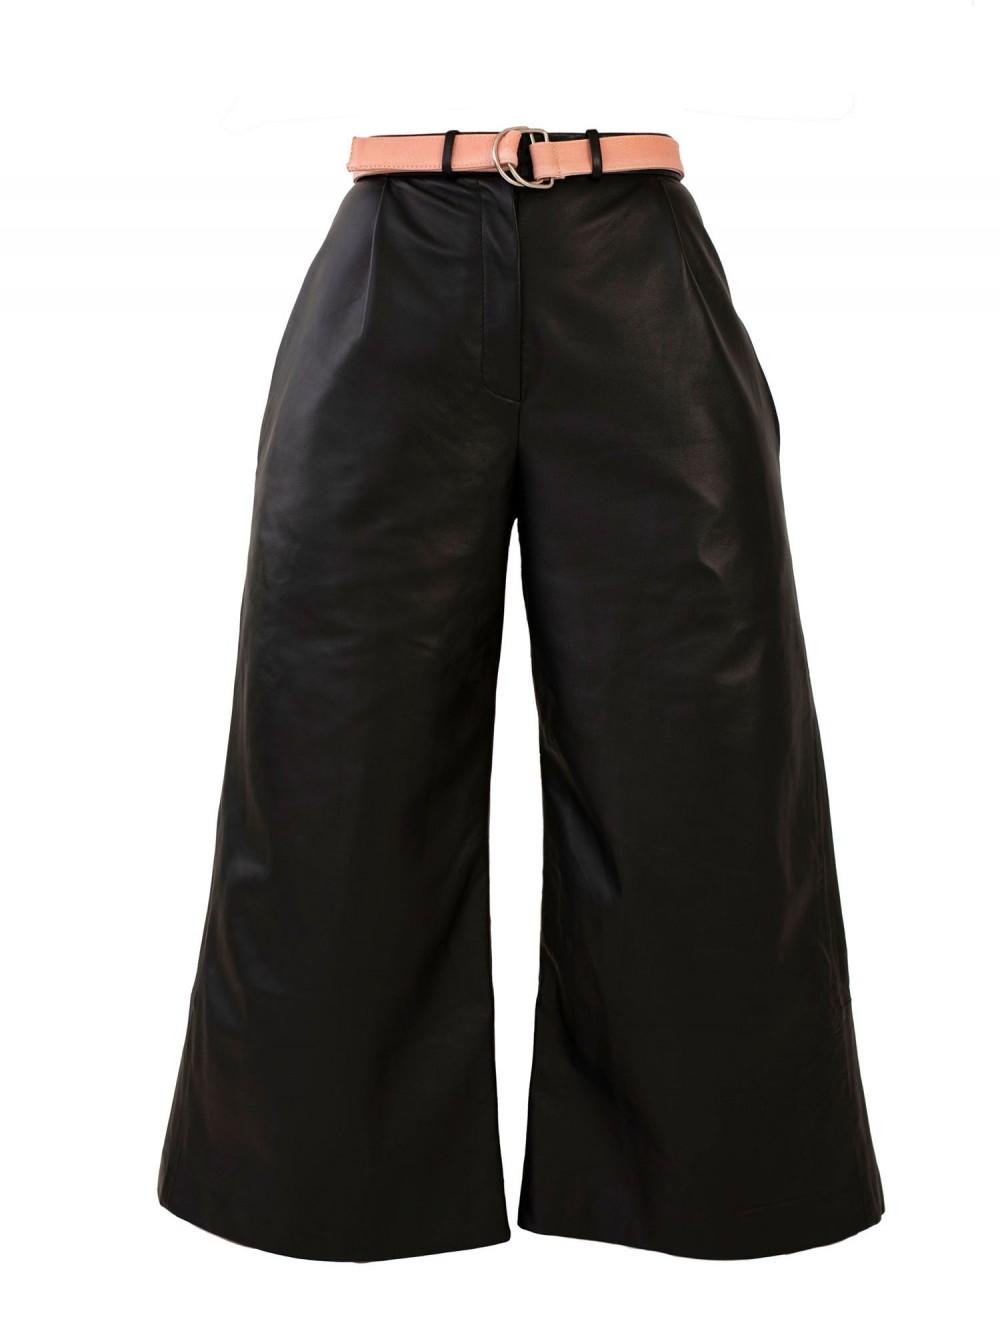 Leather Culottes | S.O.L.I.T.U.D.E